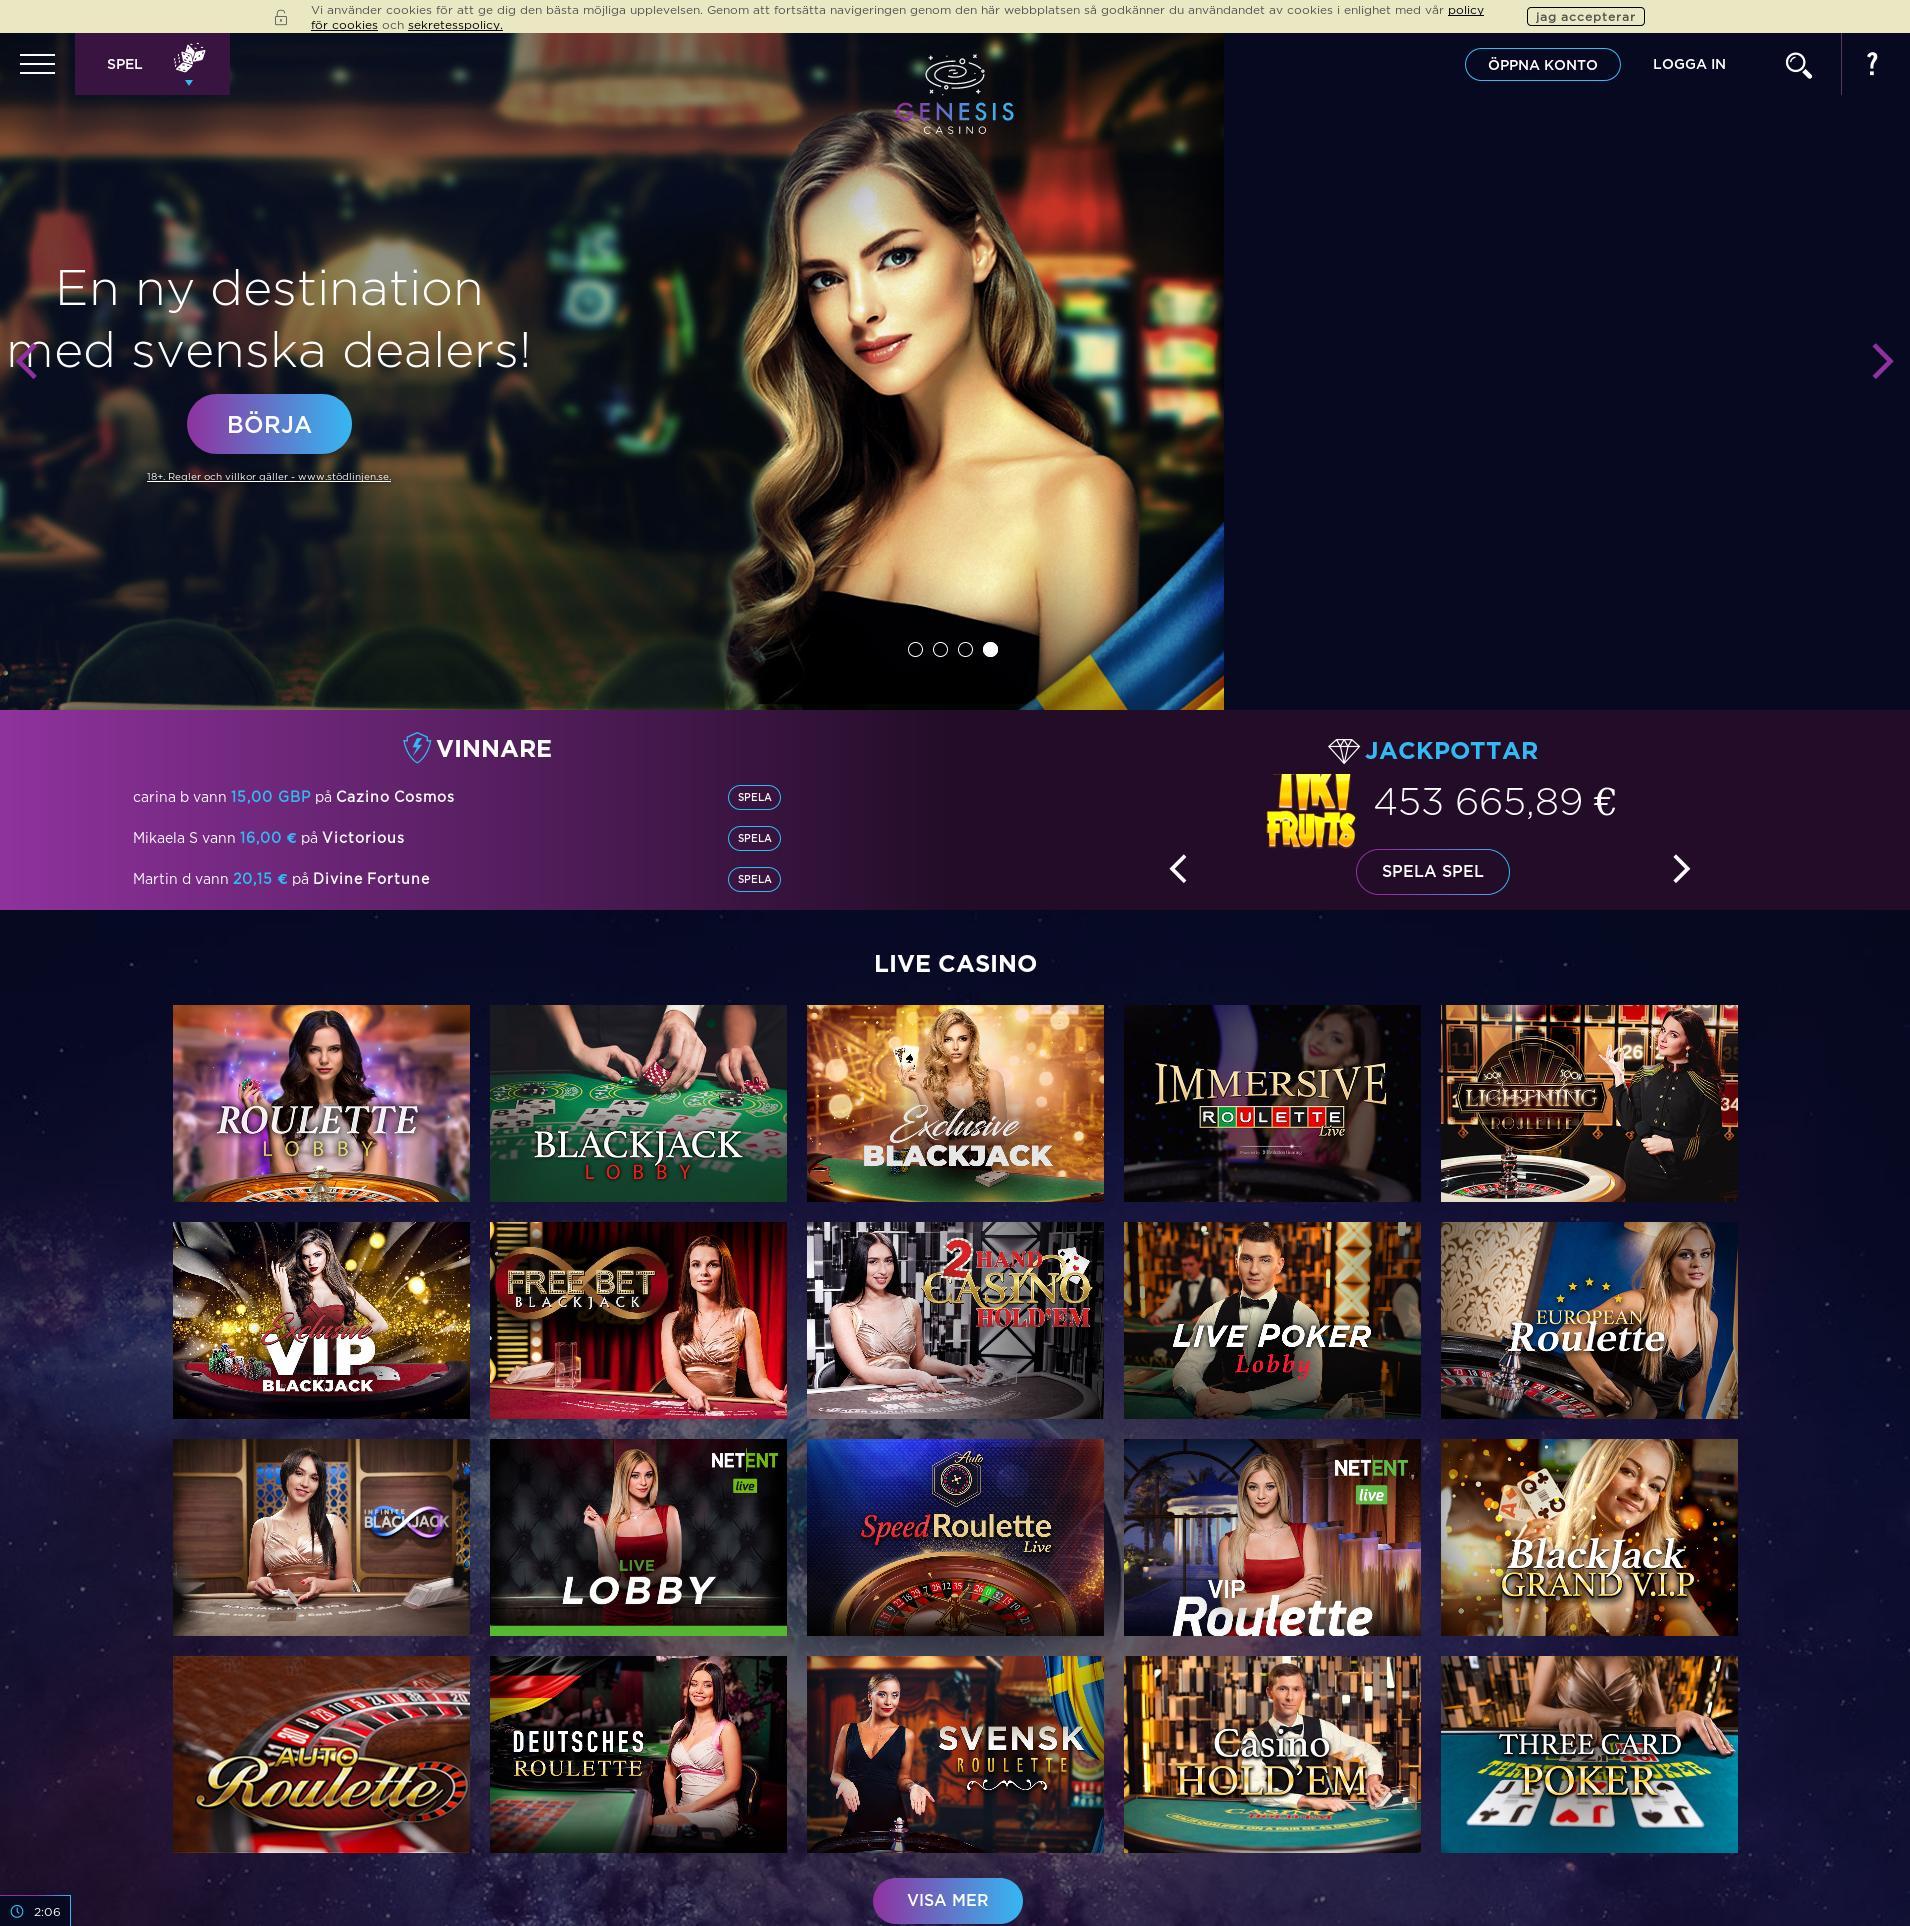 赌场的屏幕 Lobby 2019-06-26 对于 中国